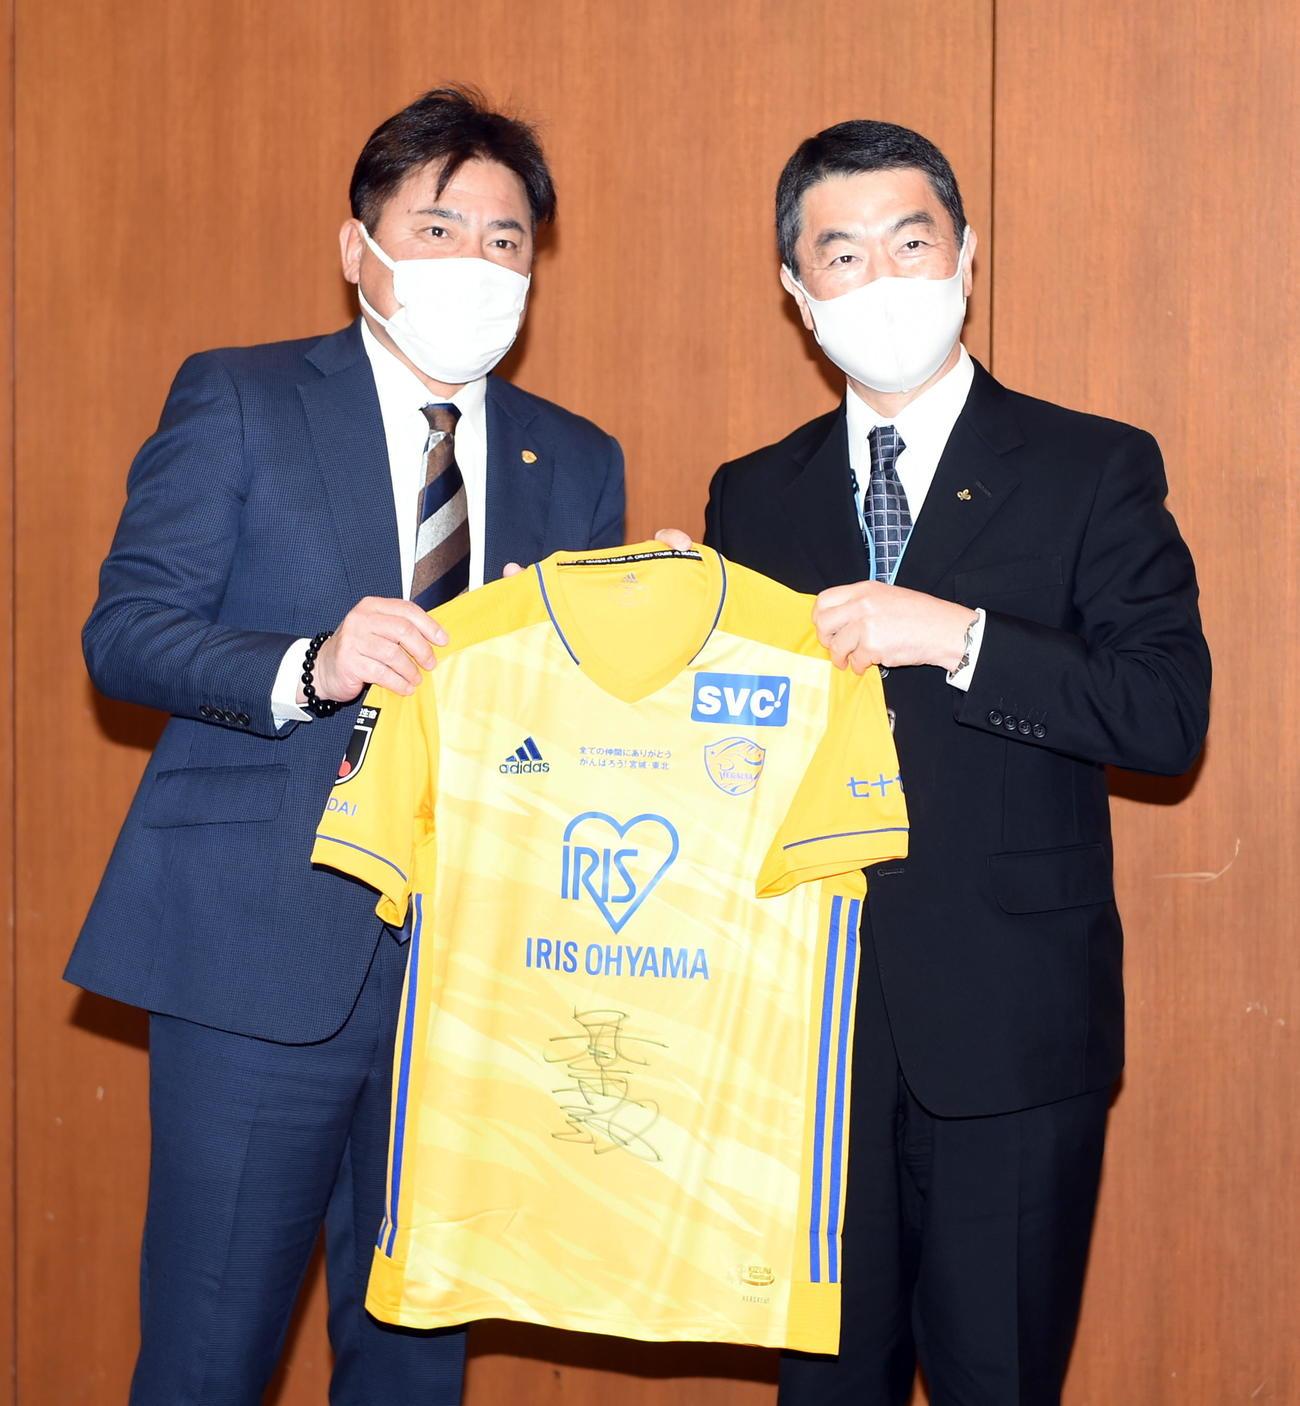 サイン入りユニホームを持って記念撮影する仙台手倉森監督(左)と宮城県の村井知事